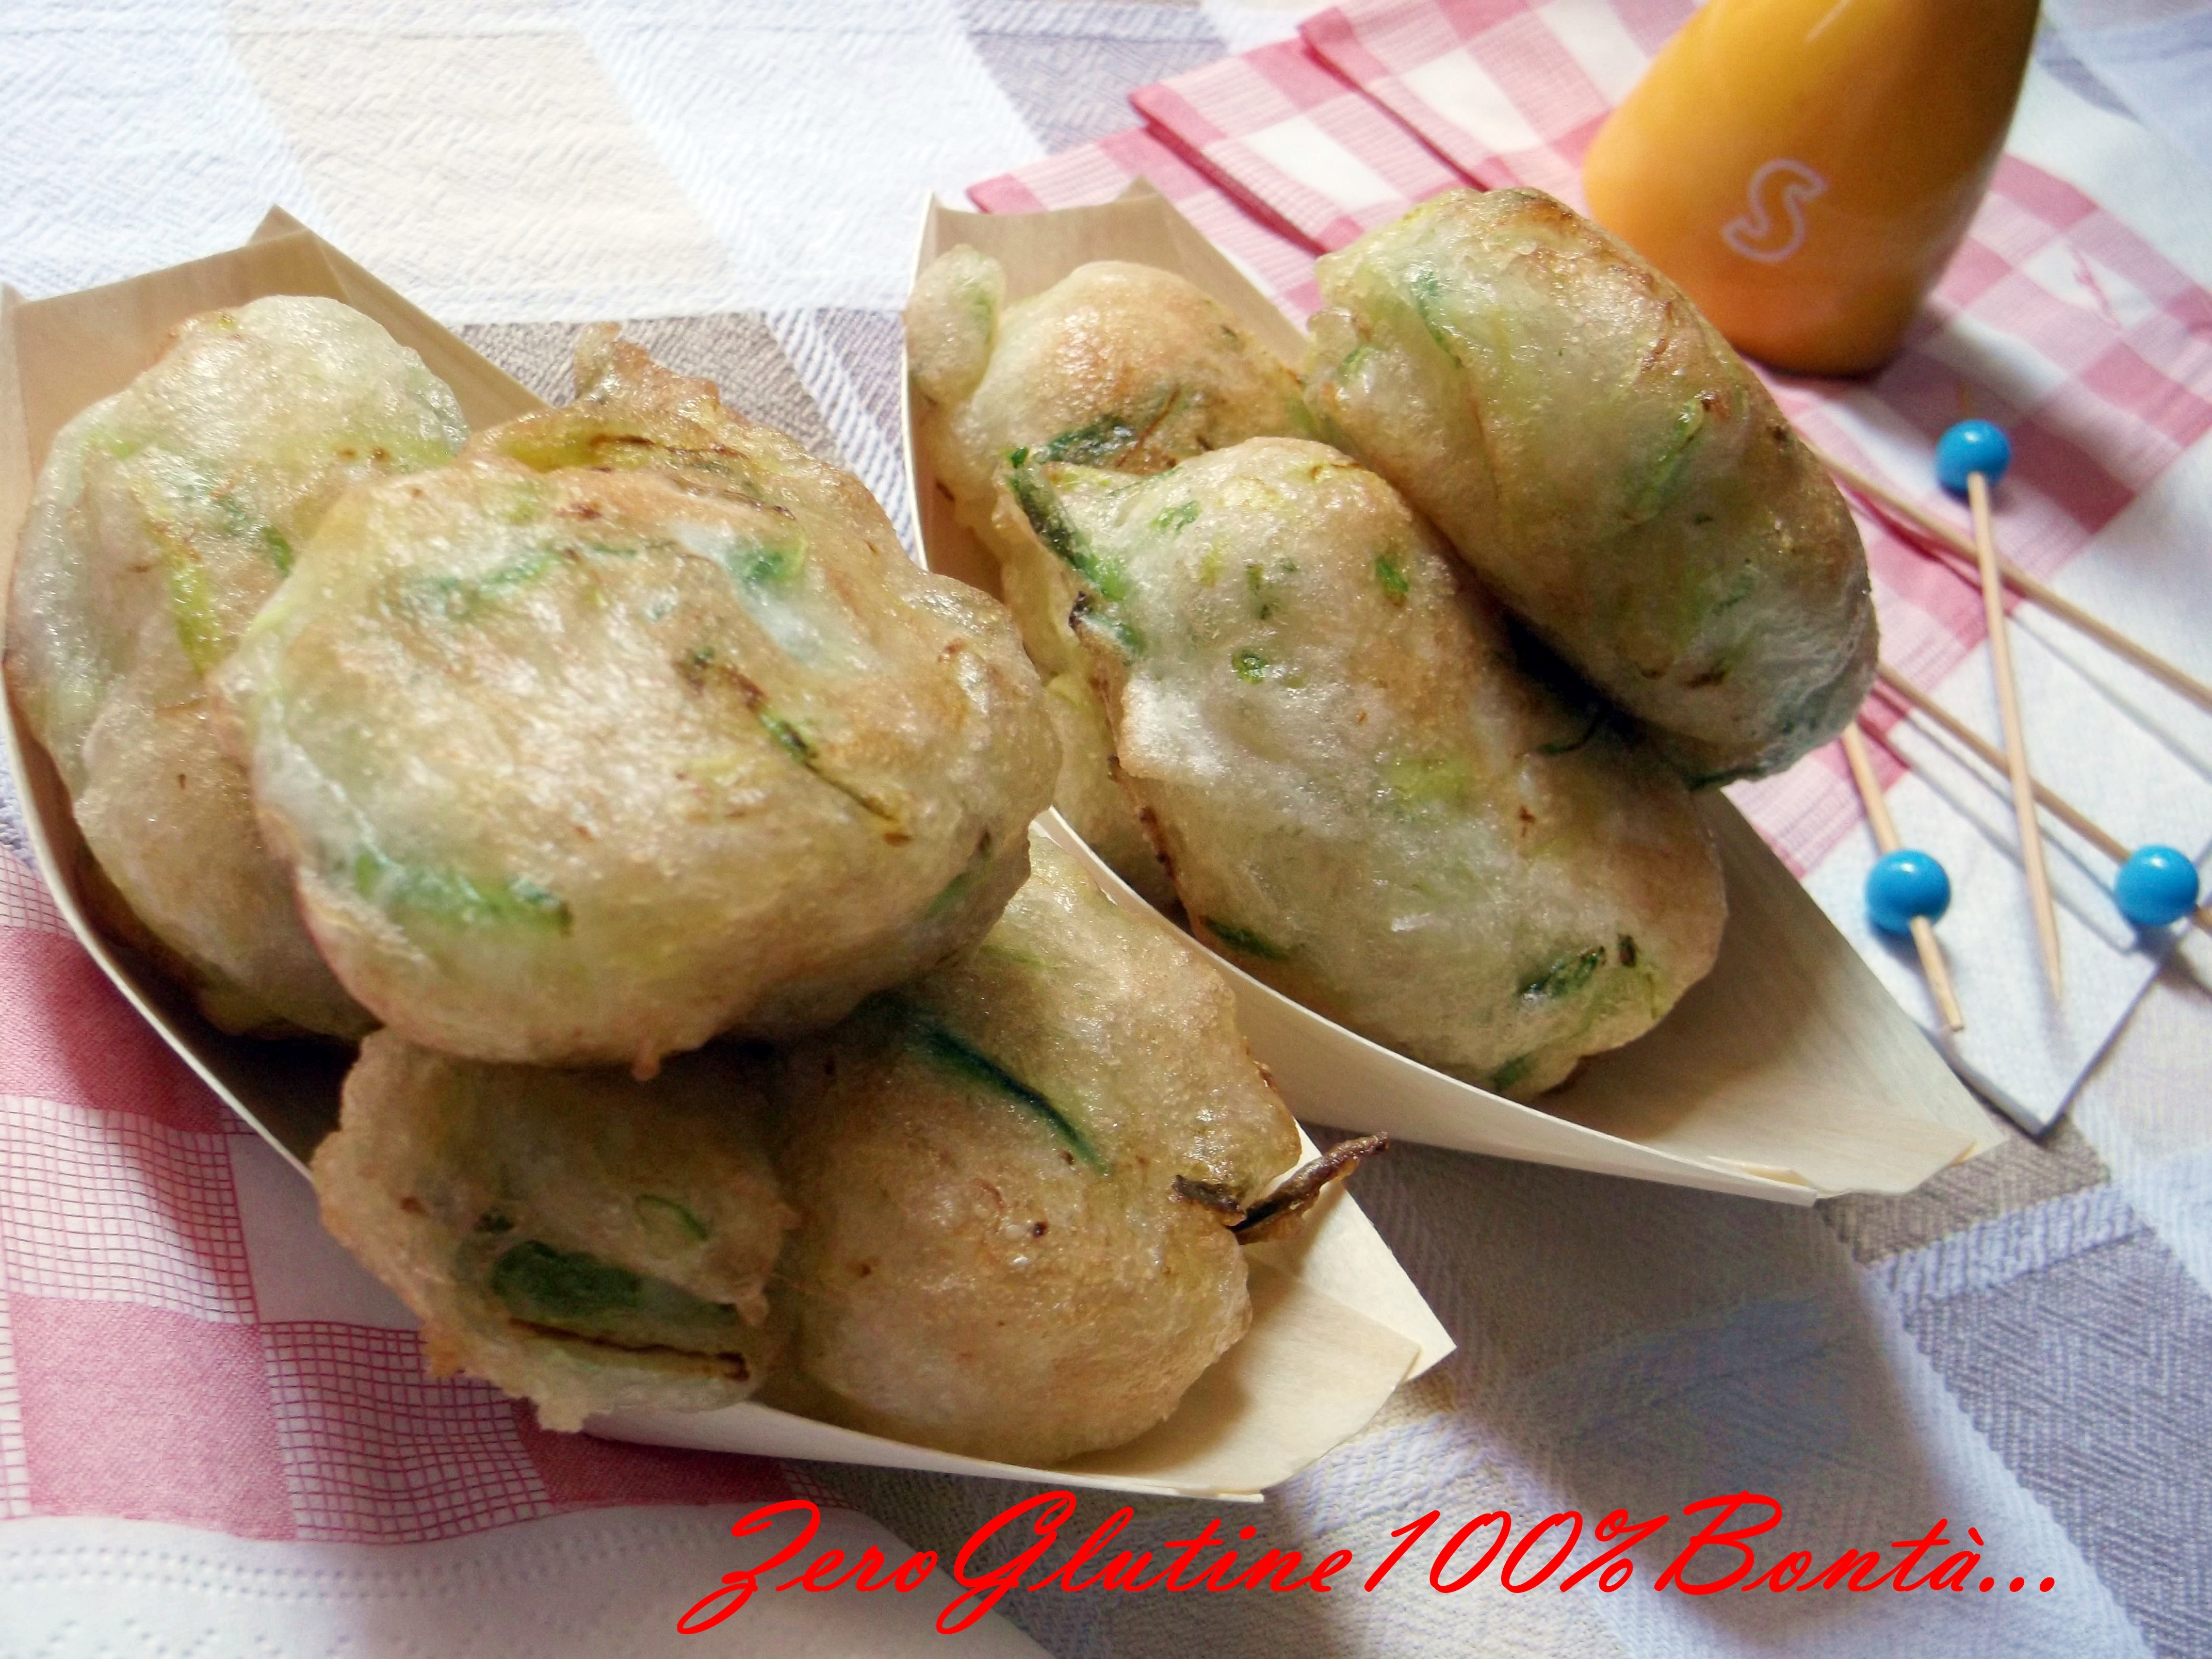 Frittelle di Zucchine